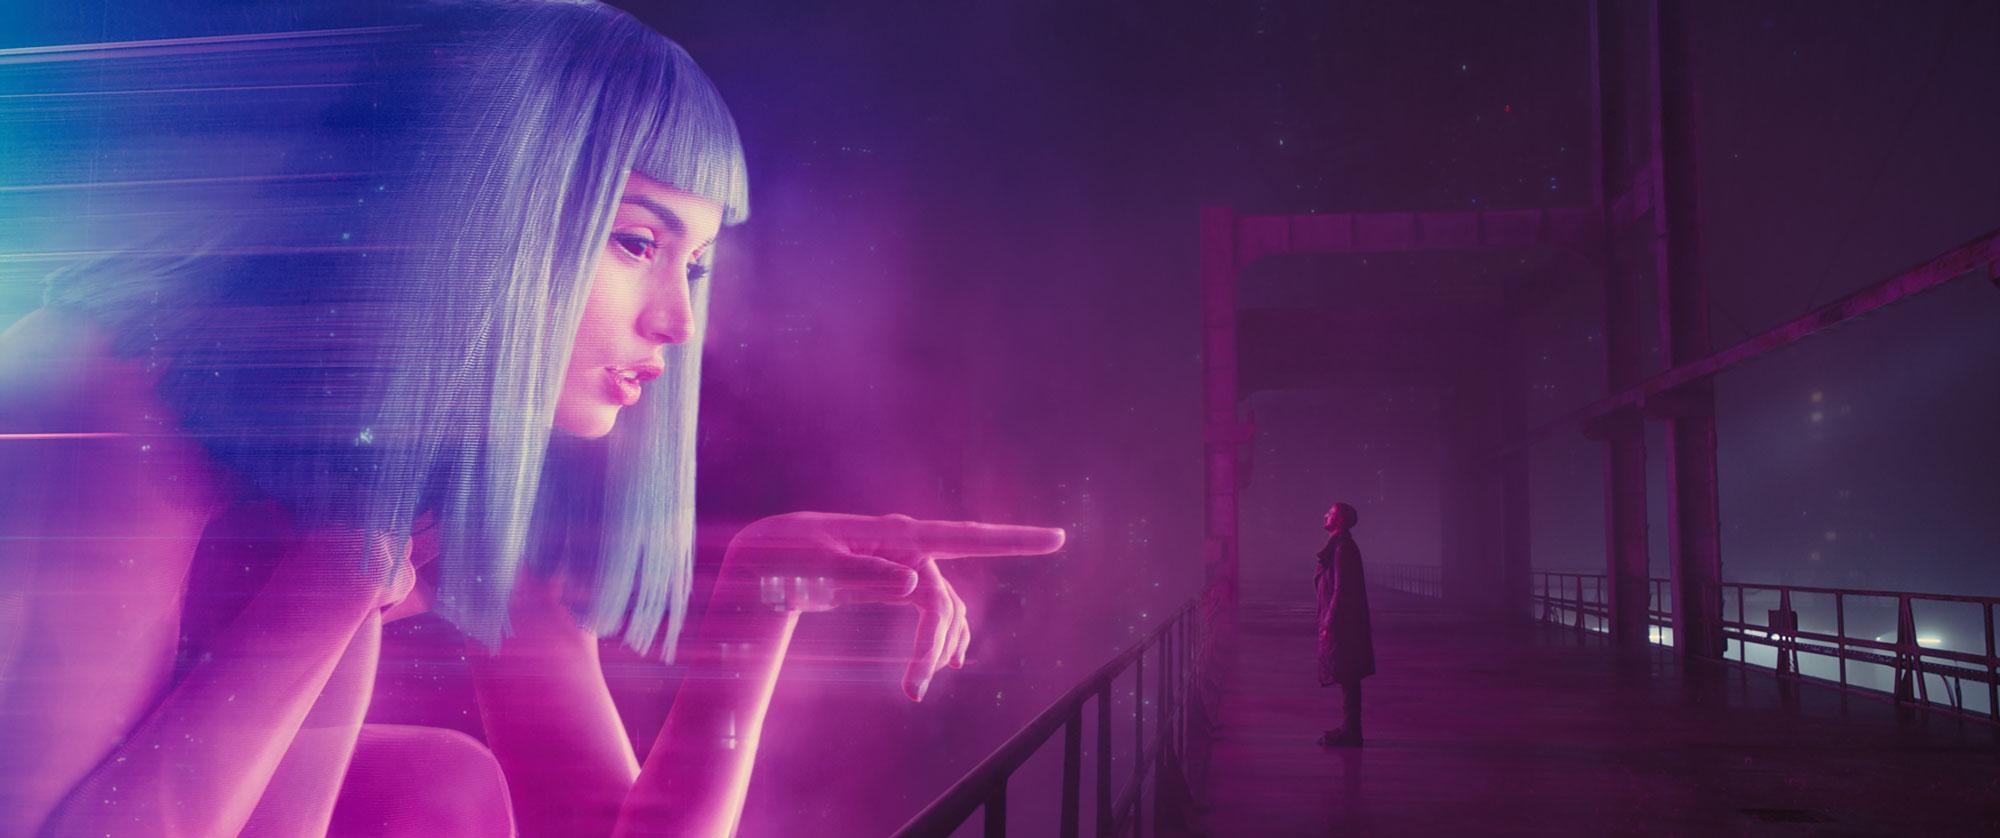 Blade Runner 2049: un buon motivo per cominciare a scrivere di cinema